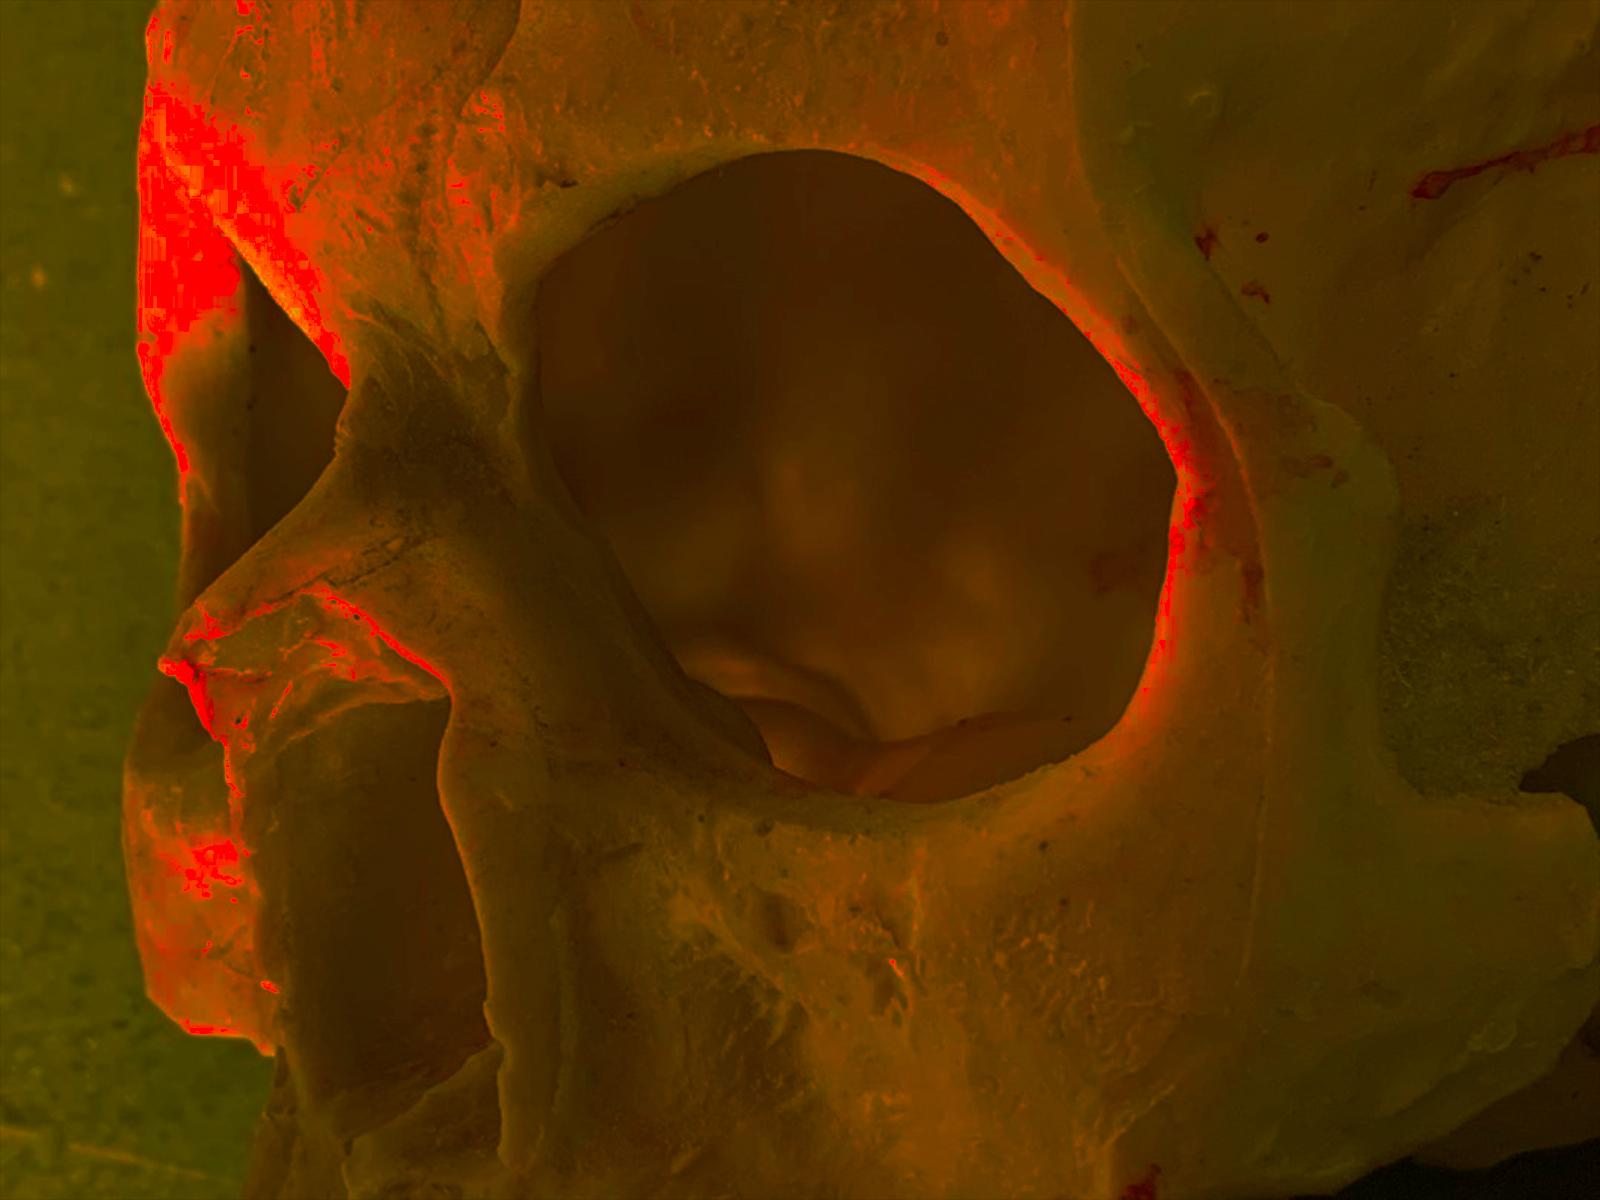 Polyester resin skull